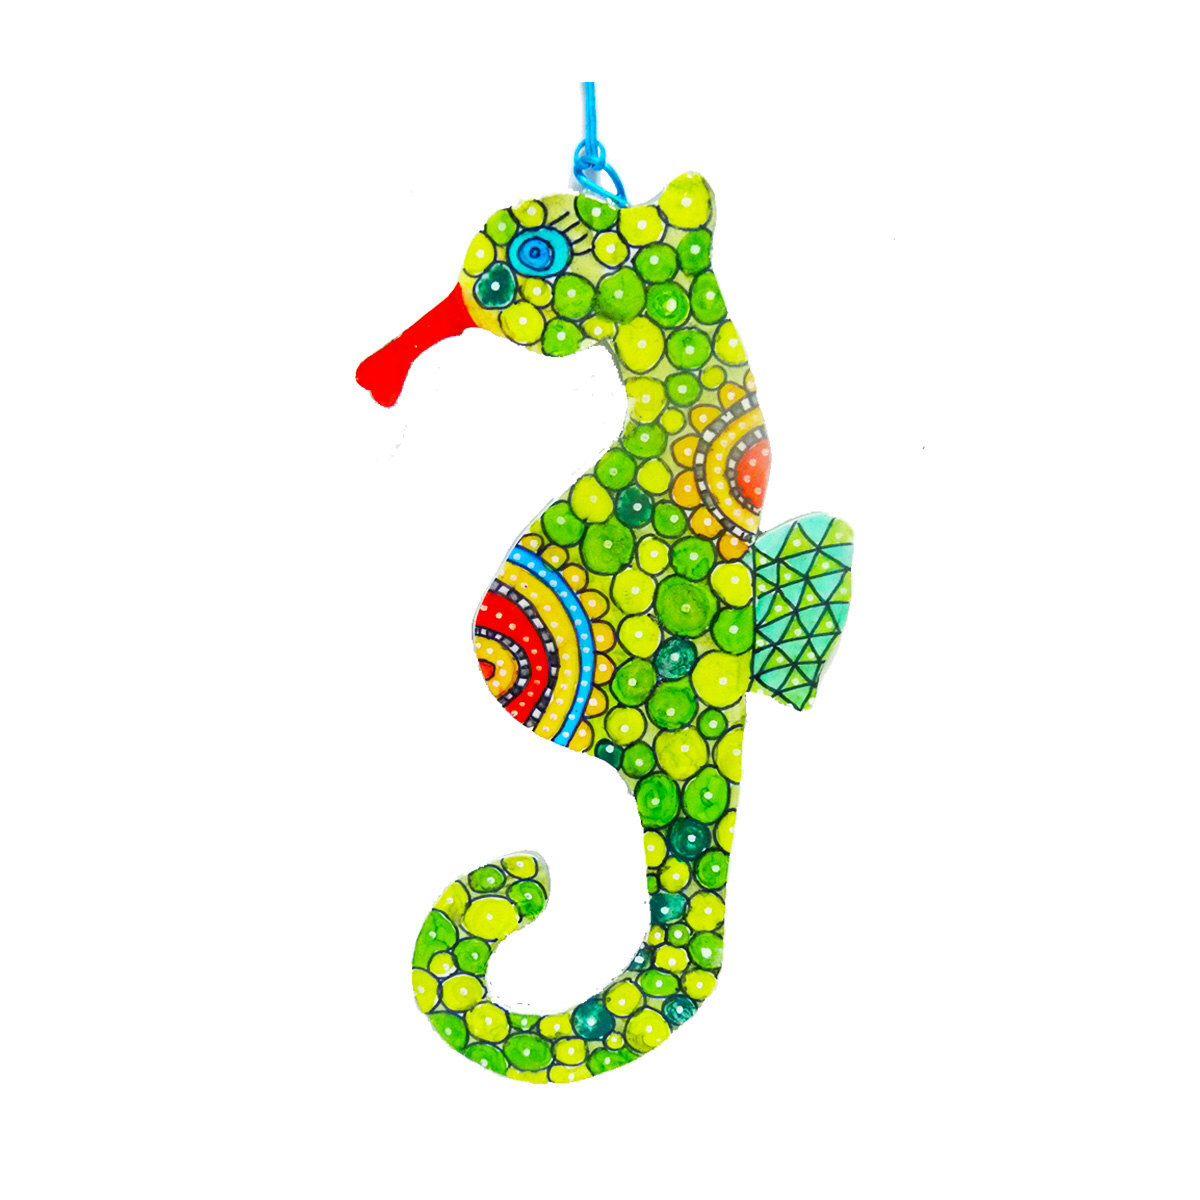 Exceptional Seahorse , Seahorse Decor, Sea Horse ,Wall Hanging, Seahorse Art, Seahorse  Decor